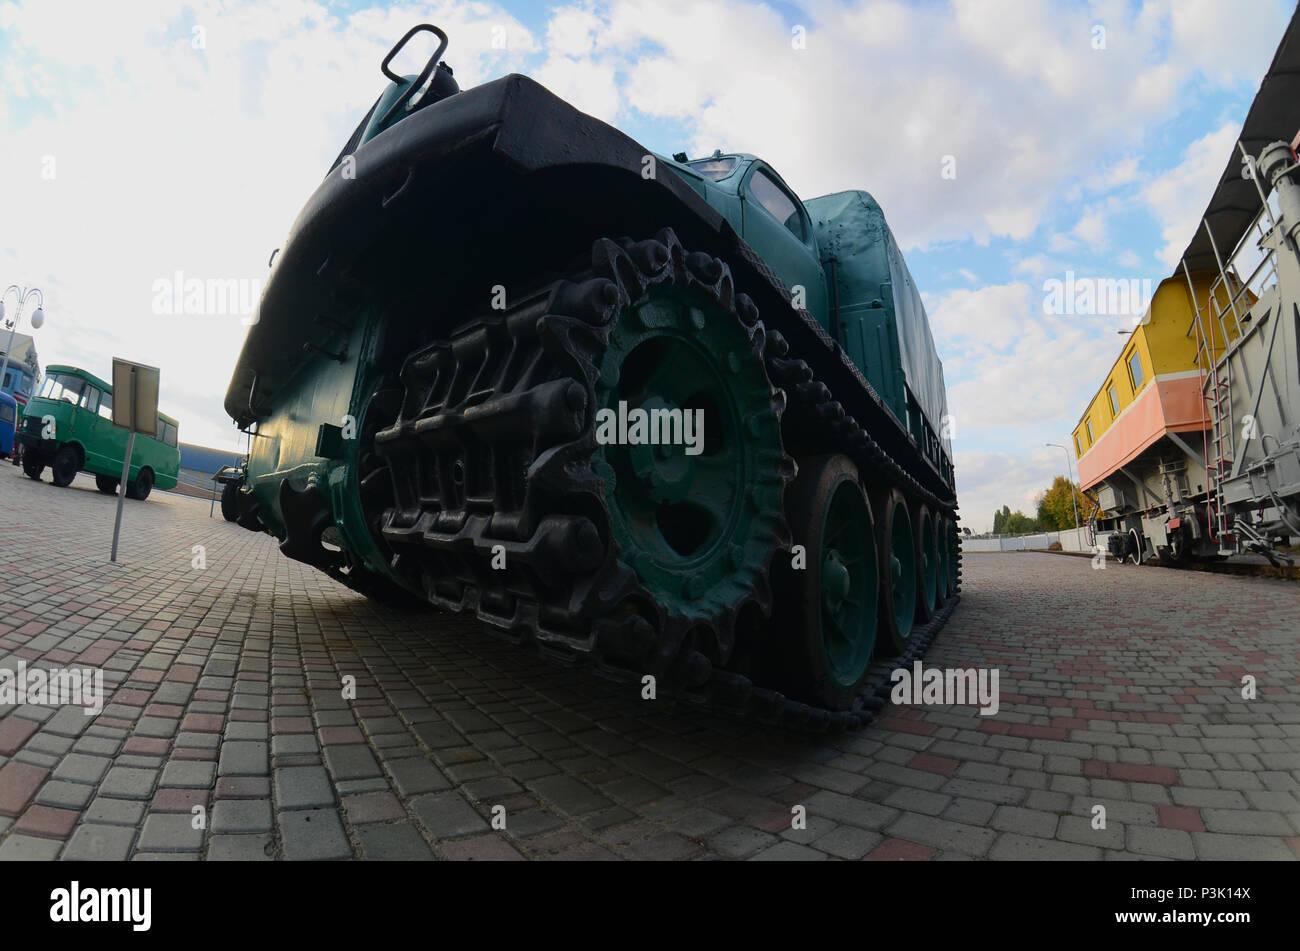 Photo d'une voiture blindée vert russe sur une voie caterpillar parmi les trains de chemin de fer. Une forte distorsion de l'objectif fisheye Banque D'Images